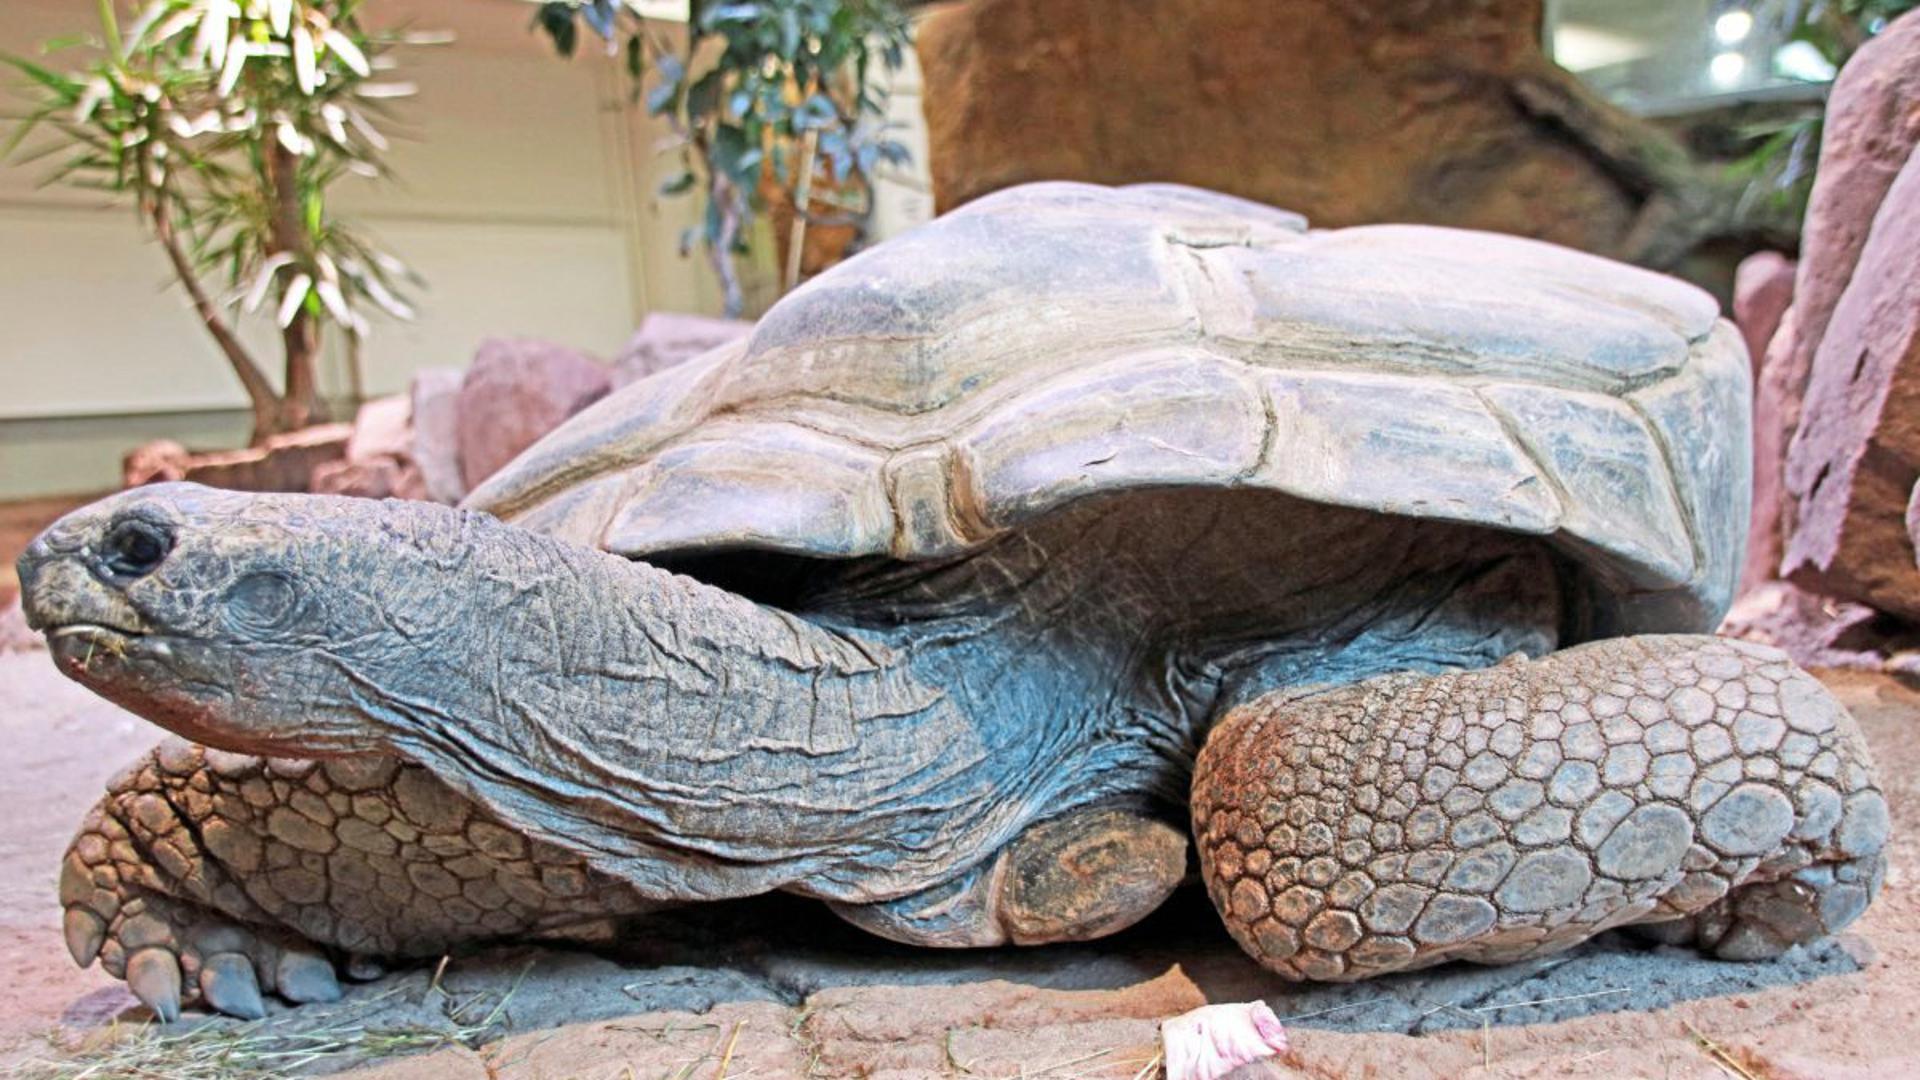 Der abgeflachte Panzer kennzeichnete die Riesenschildkröte Flunder. Mehr als 70 Jahre hatte die älteste Bewohnerin des Karlsruher Zoos auf dem rachitisch verkrümmten Buckel